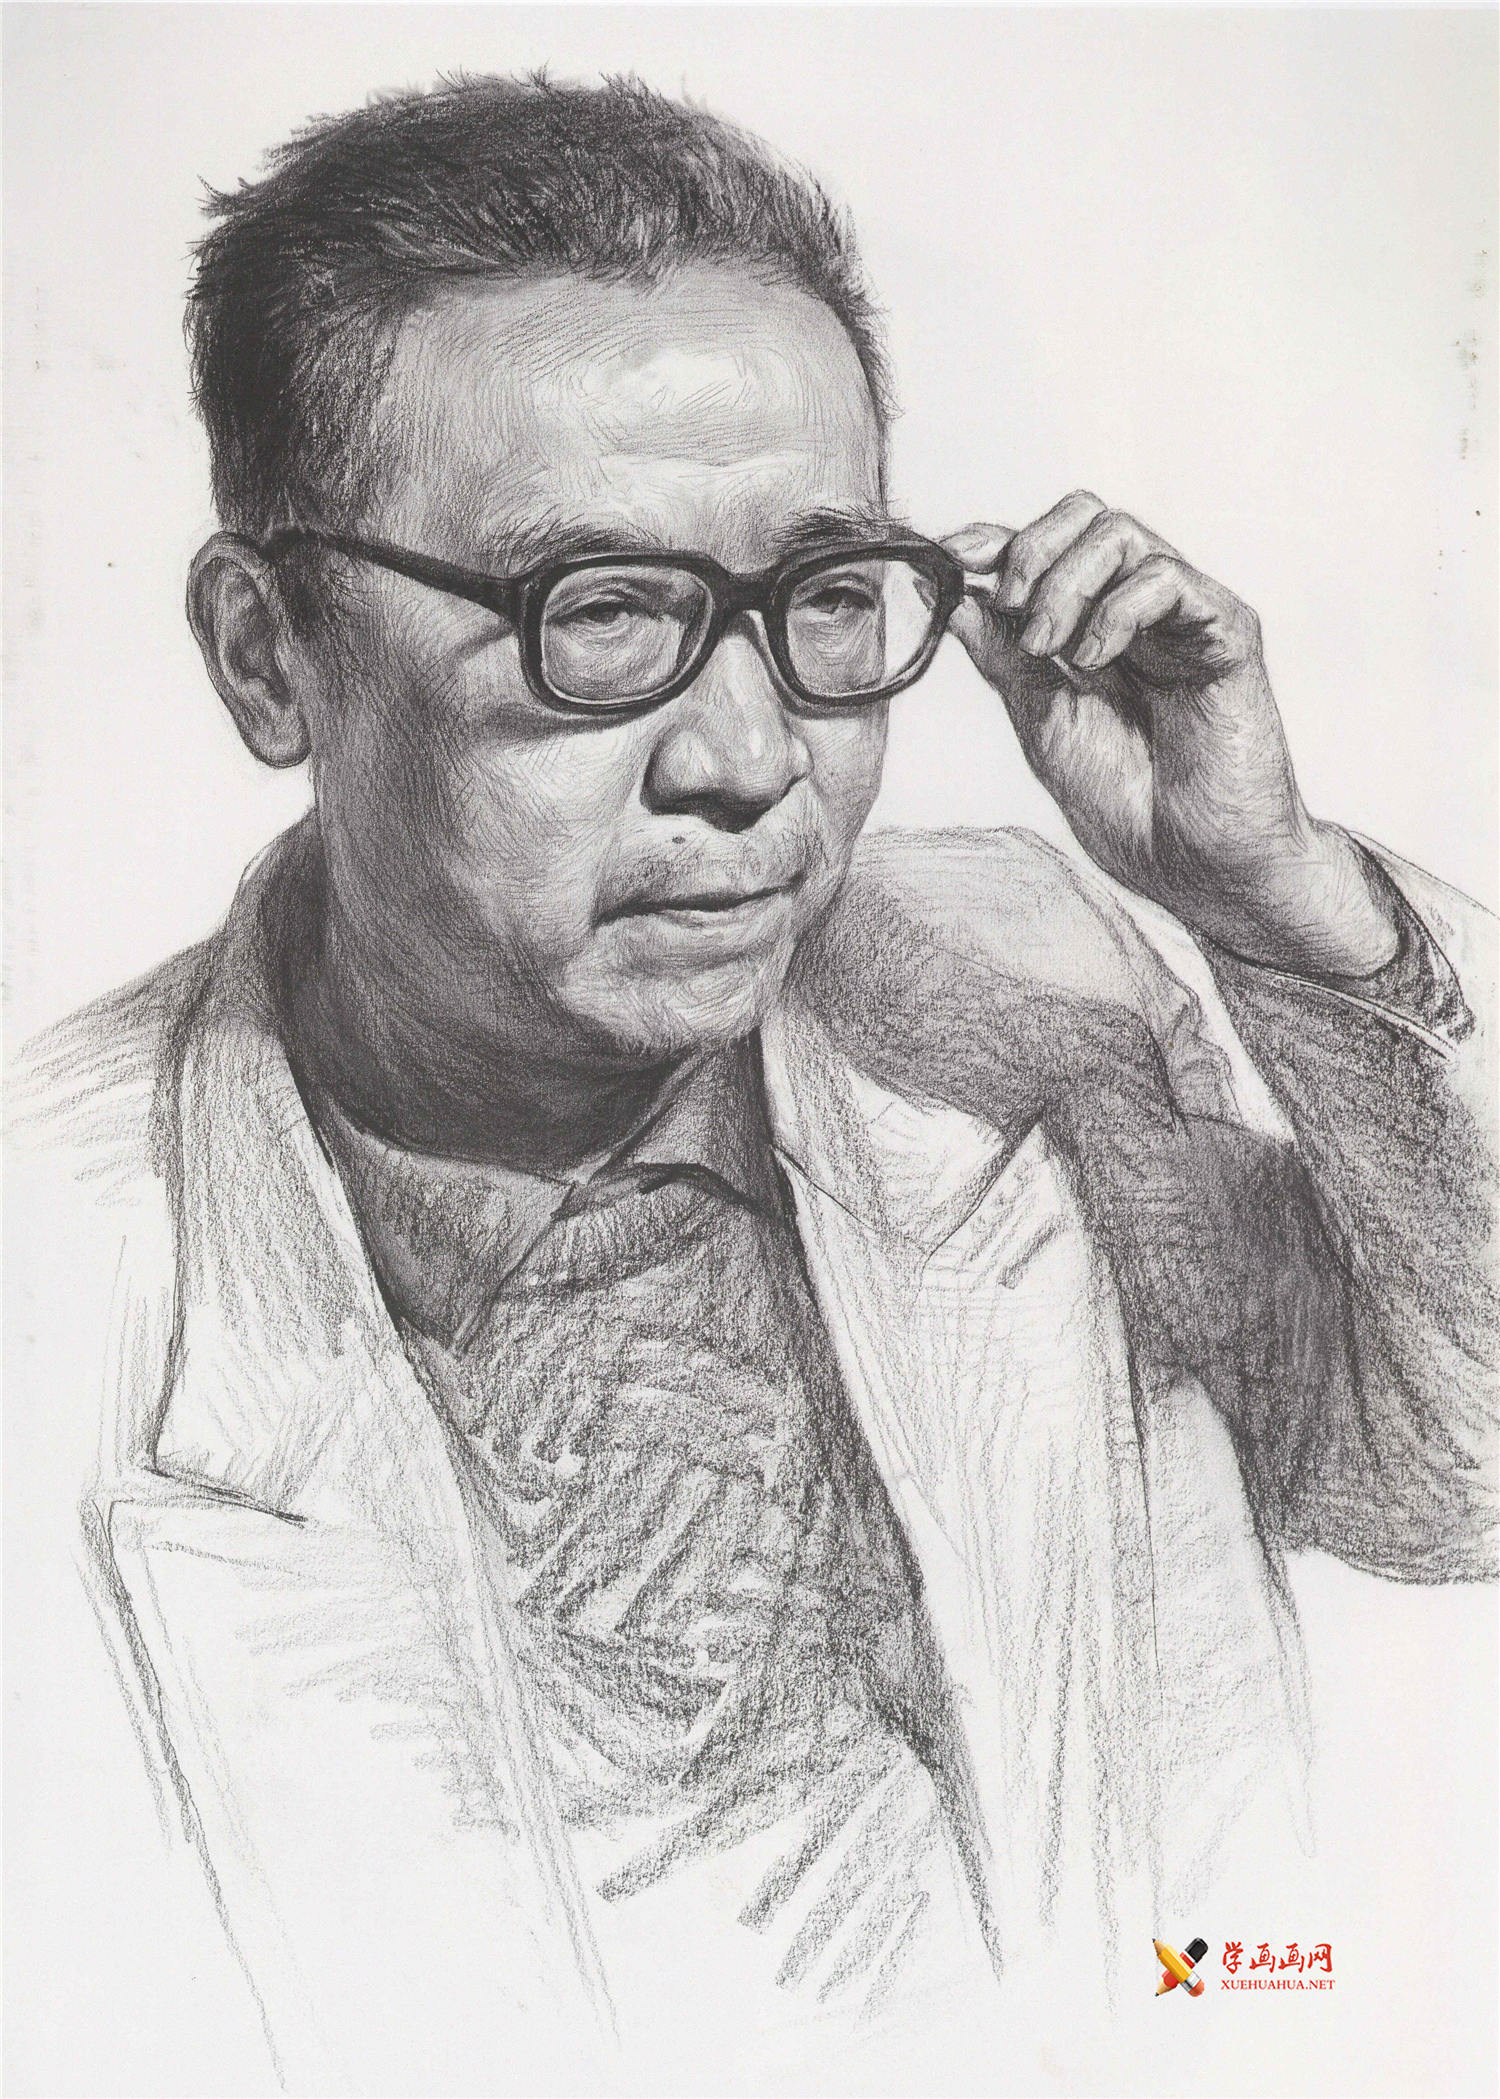 扶着眼镜框的老者素描头像画法图片素材(1)